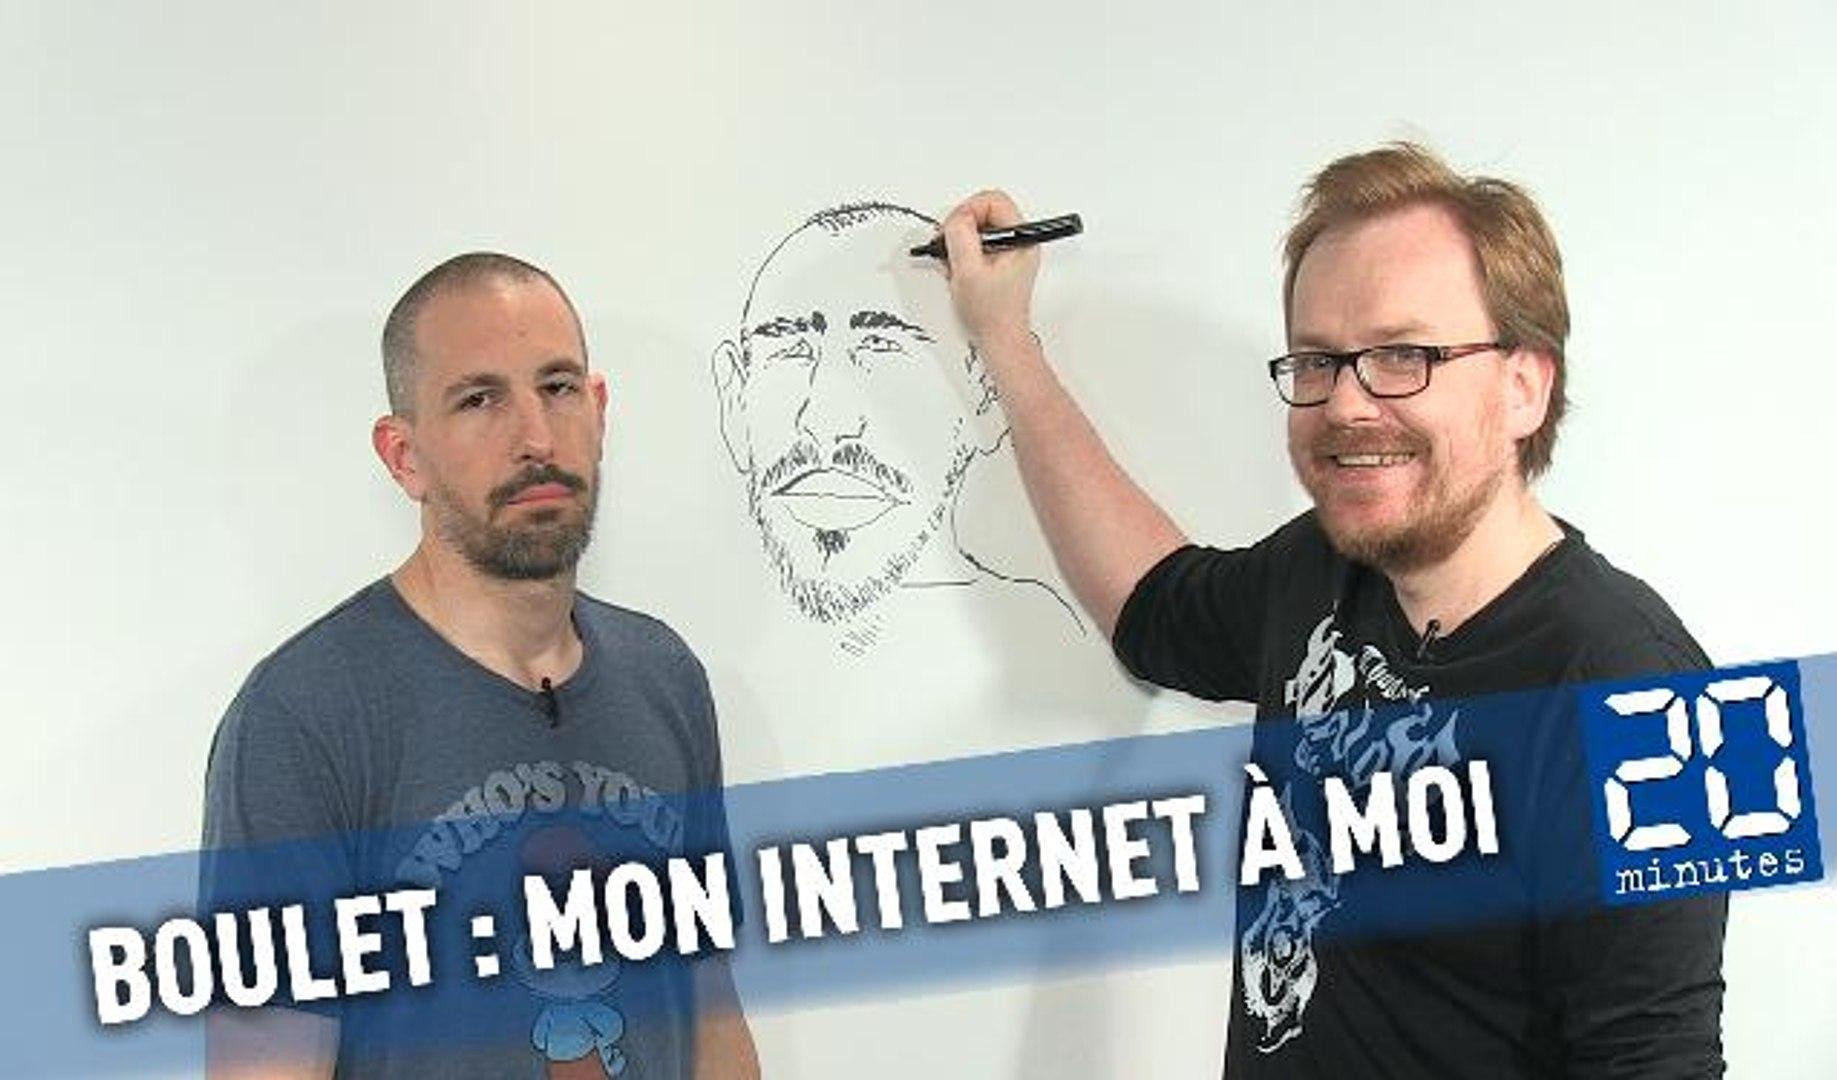 Mon internet à moi: Boulet